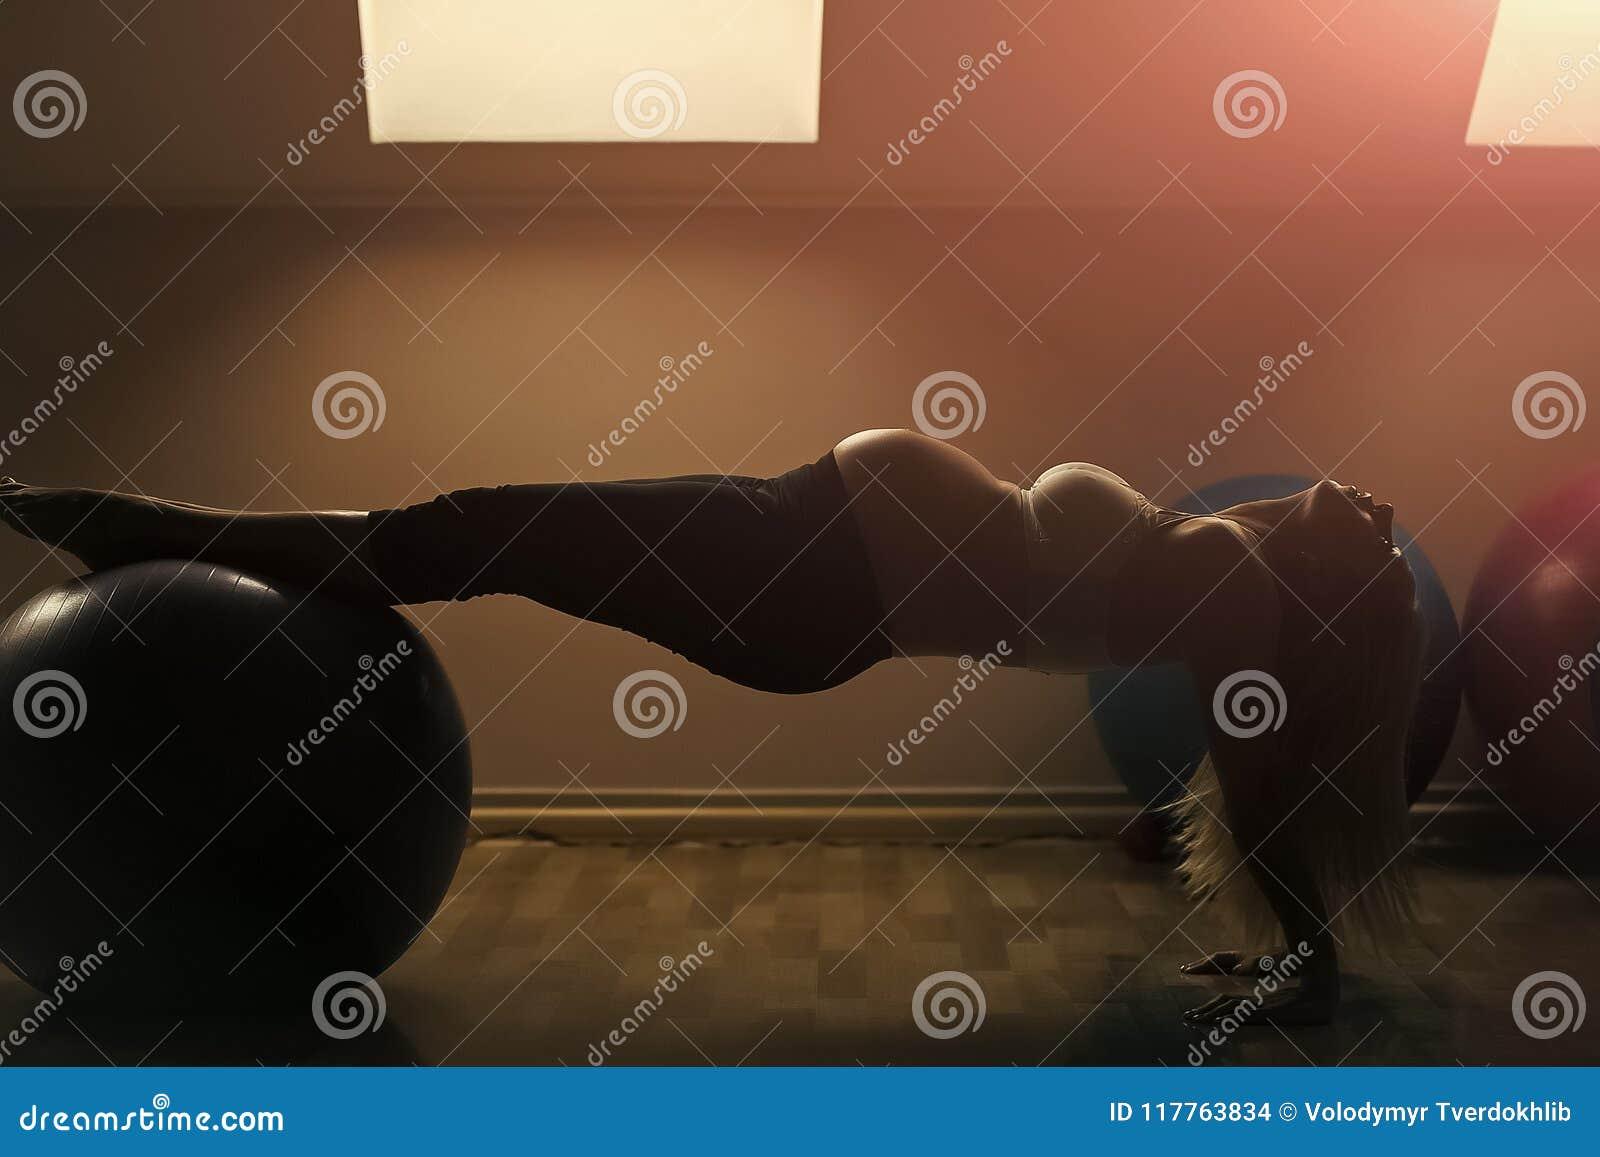 Brzemienność i plenność Macierzyństwo i macierzyński pojęcia kobieta w ciąży ćwiczy z dysponowaną piłką w gym